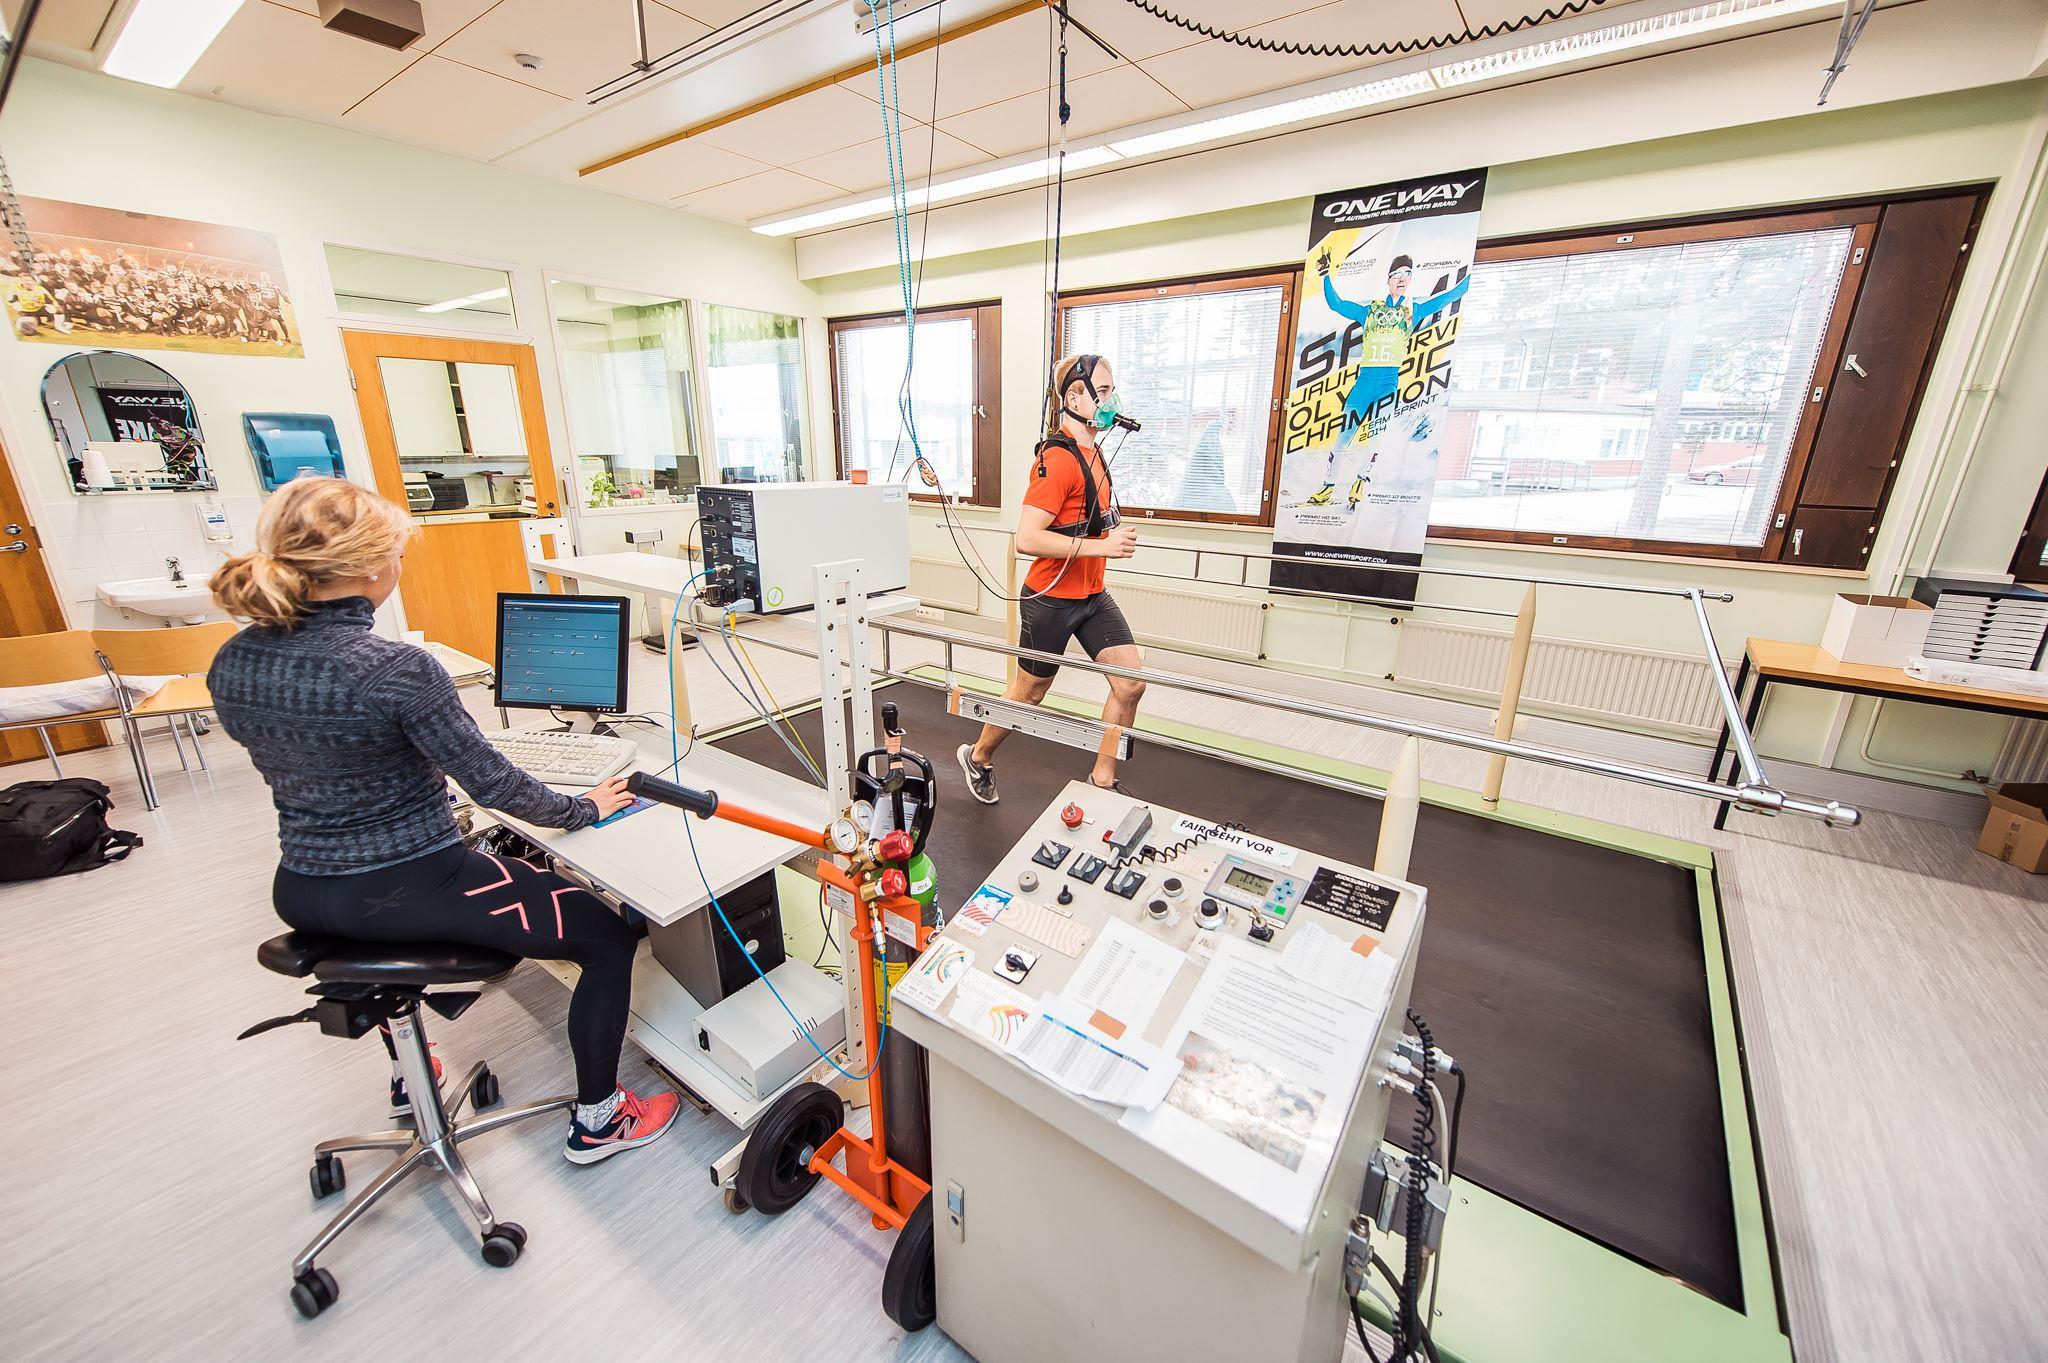 Liikuntakeskus Pajulahti